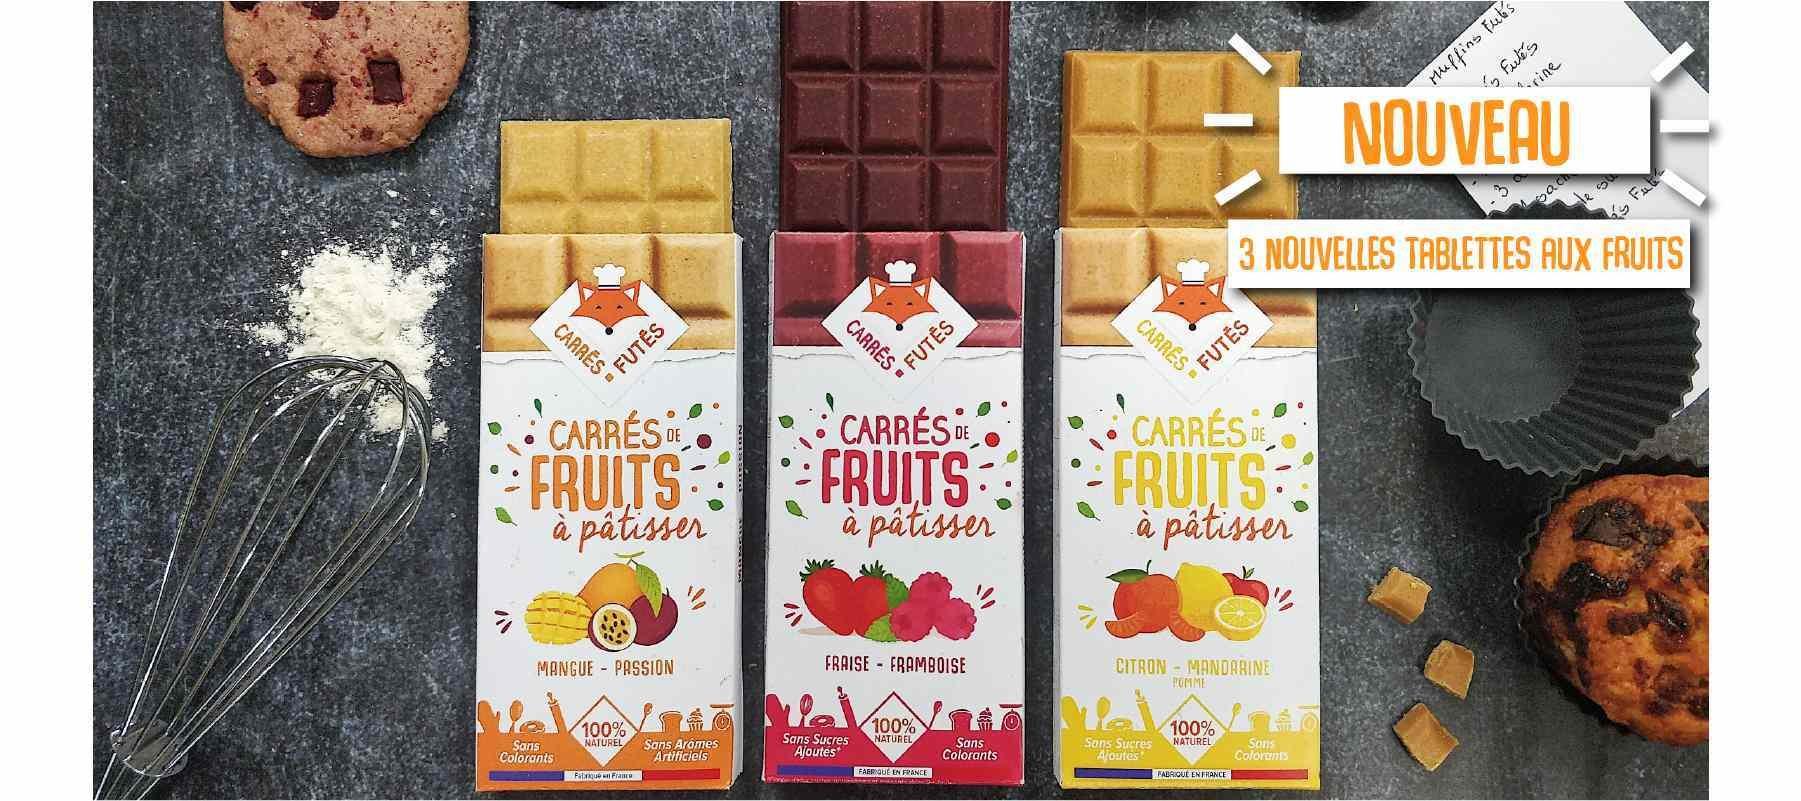 slider fruits 1800x800 1 - Carrés Futés propose ses Carrés de fruits à pâtisser